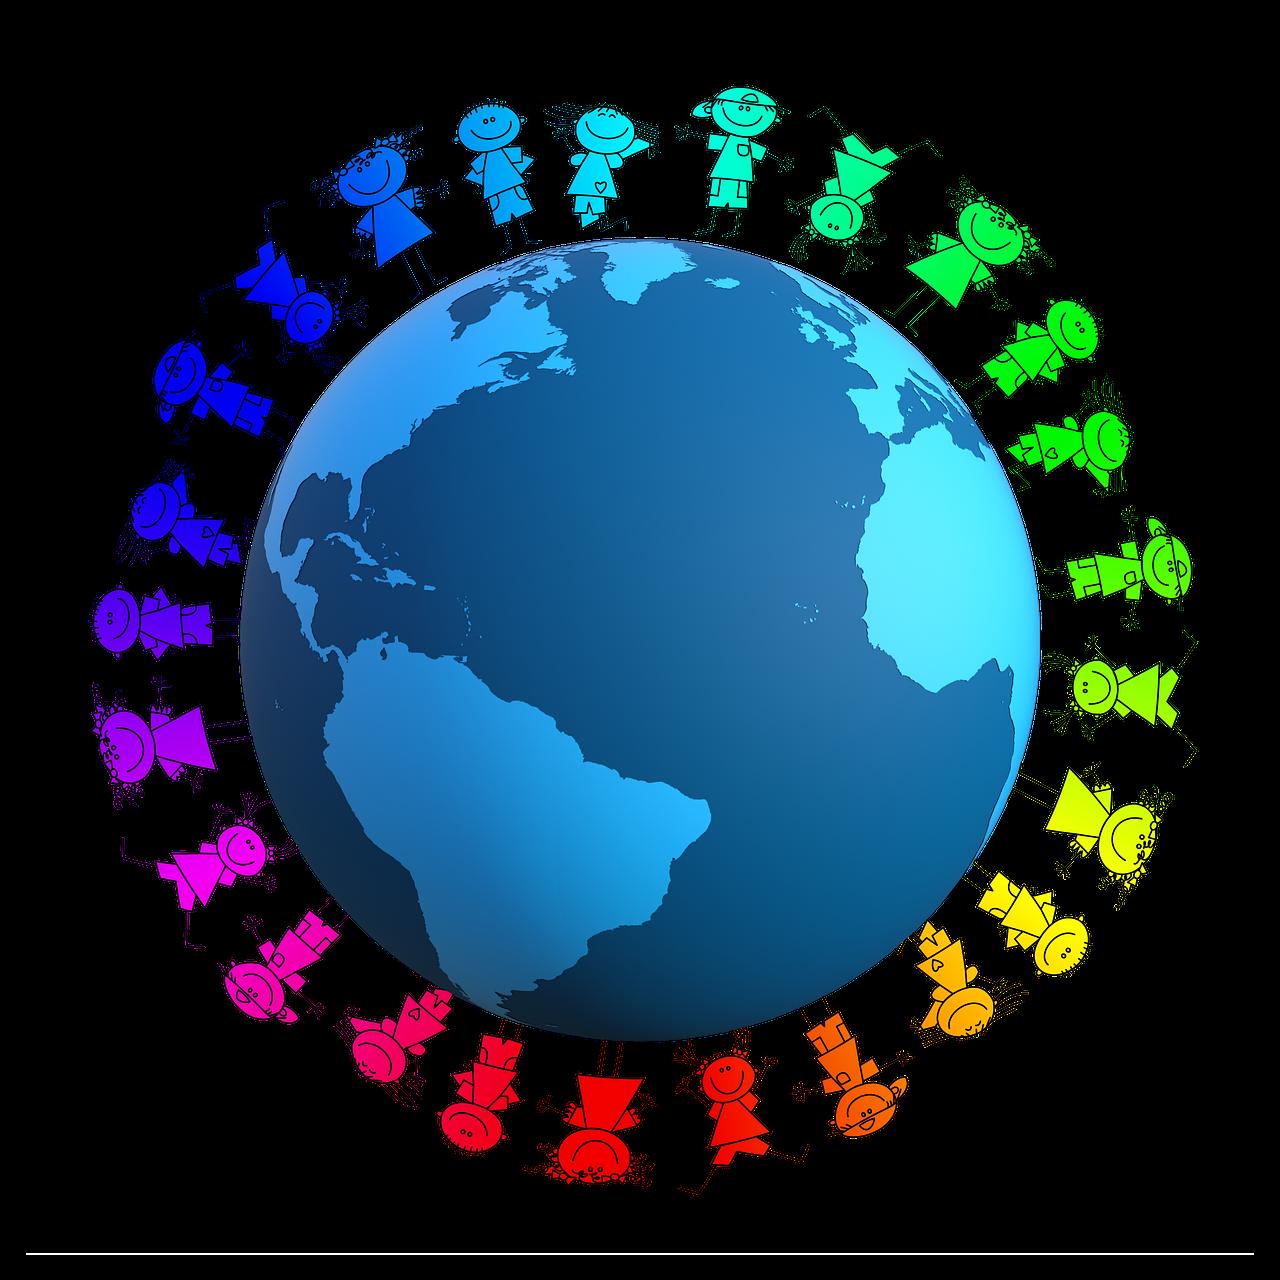 inclusion 5450025 1280 - Celebremos juntos el Día Internacional de La Paz